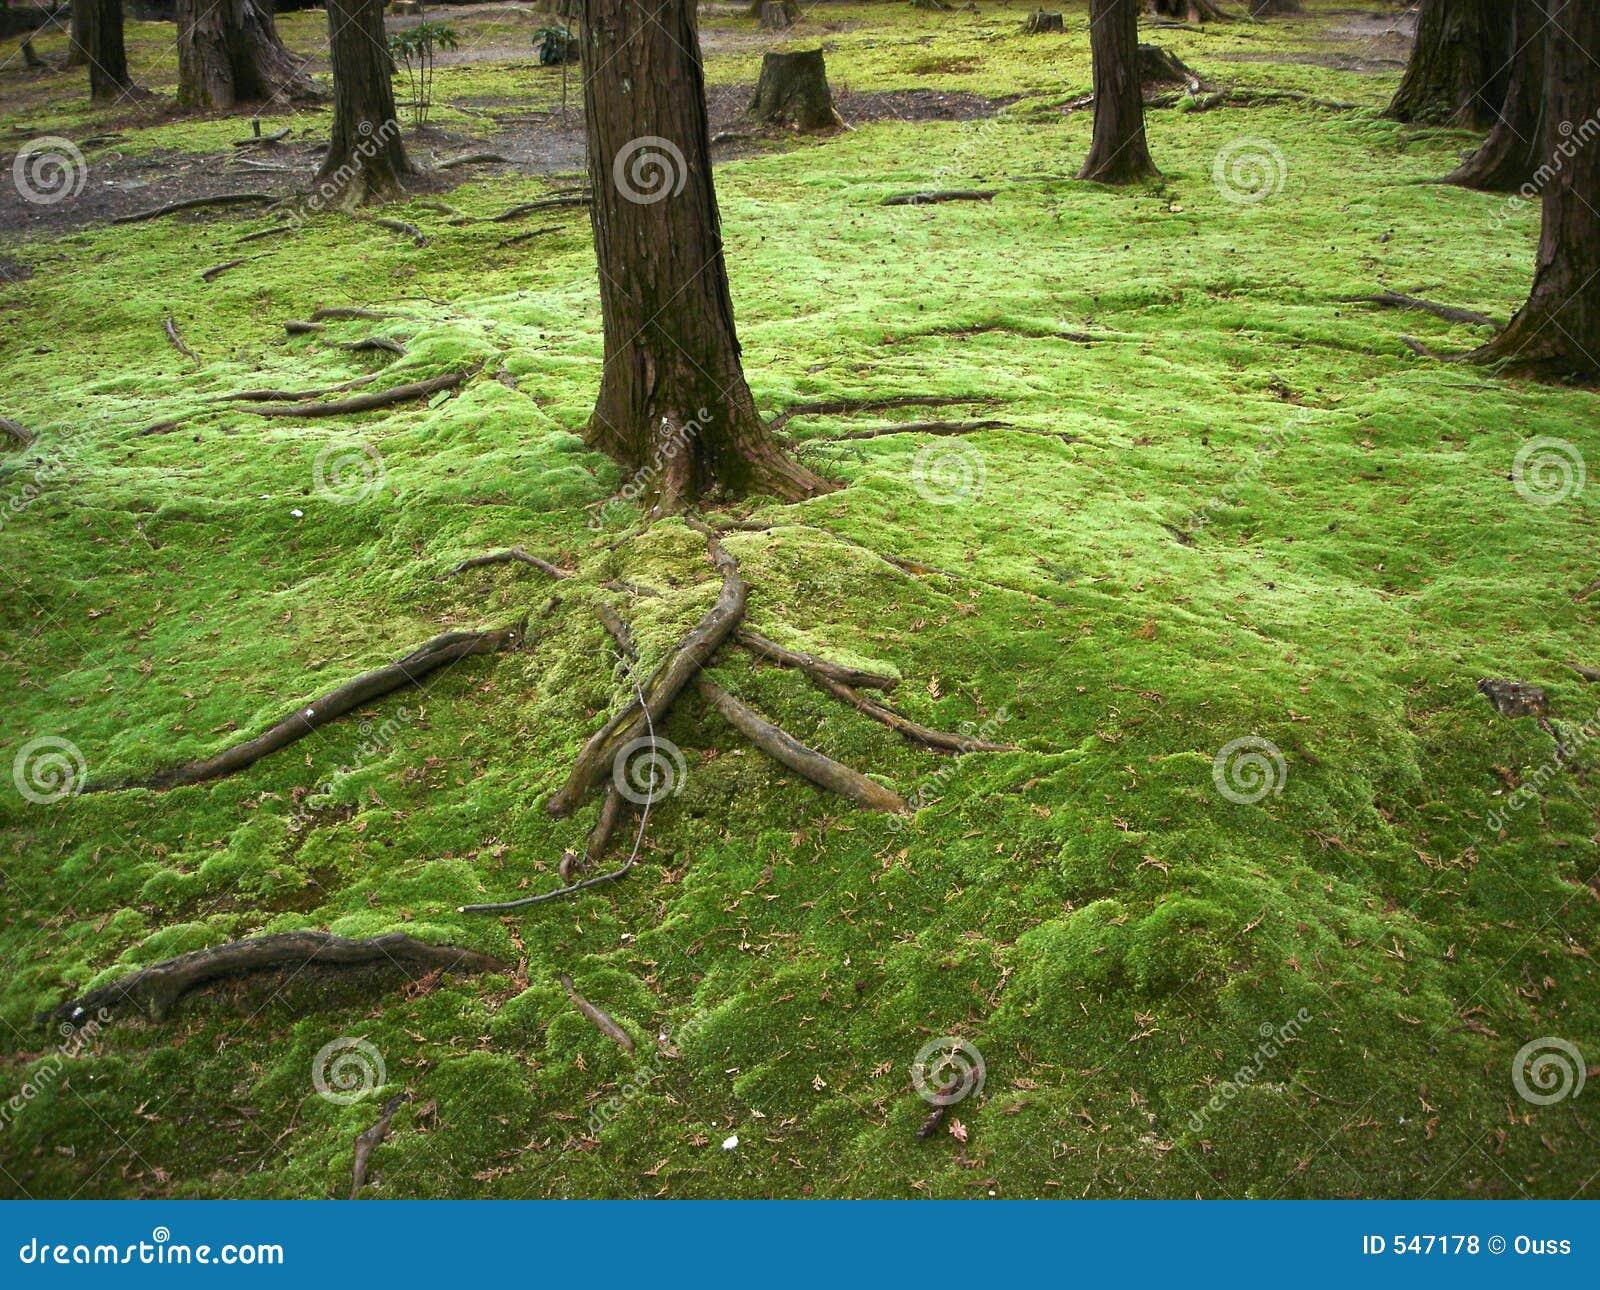 Download 仙境 库存照片. 图片 包括有 少见, 森林, 冬天, 的btu, 神奇, beautifuler, 传说, 庭院 - 547178